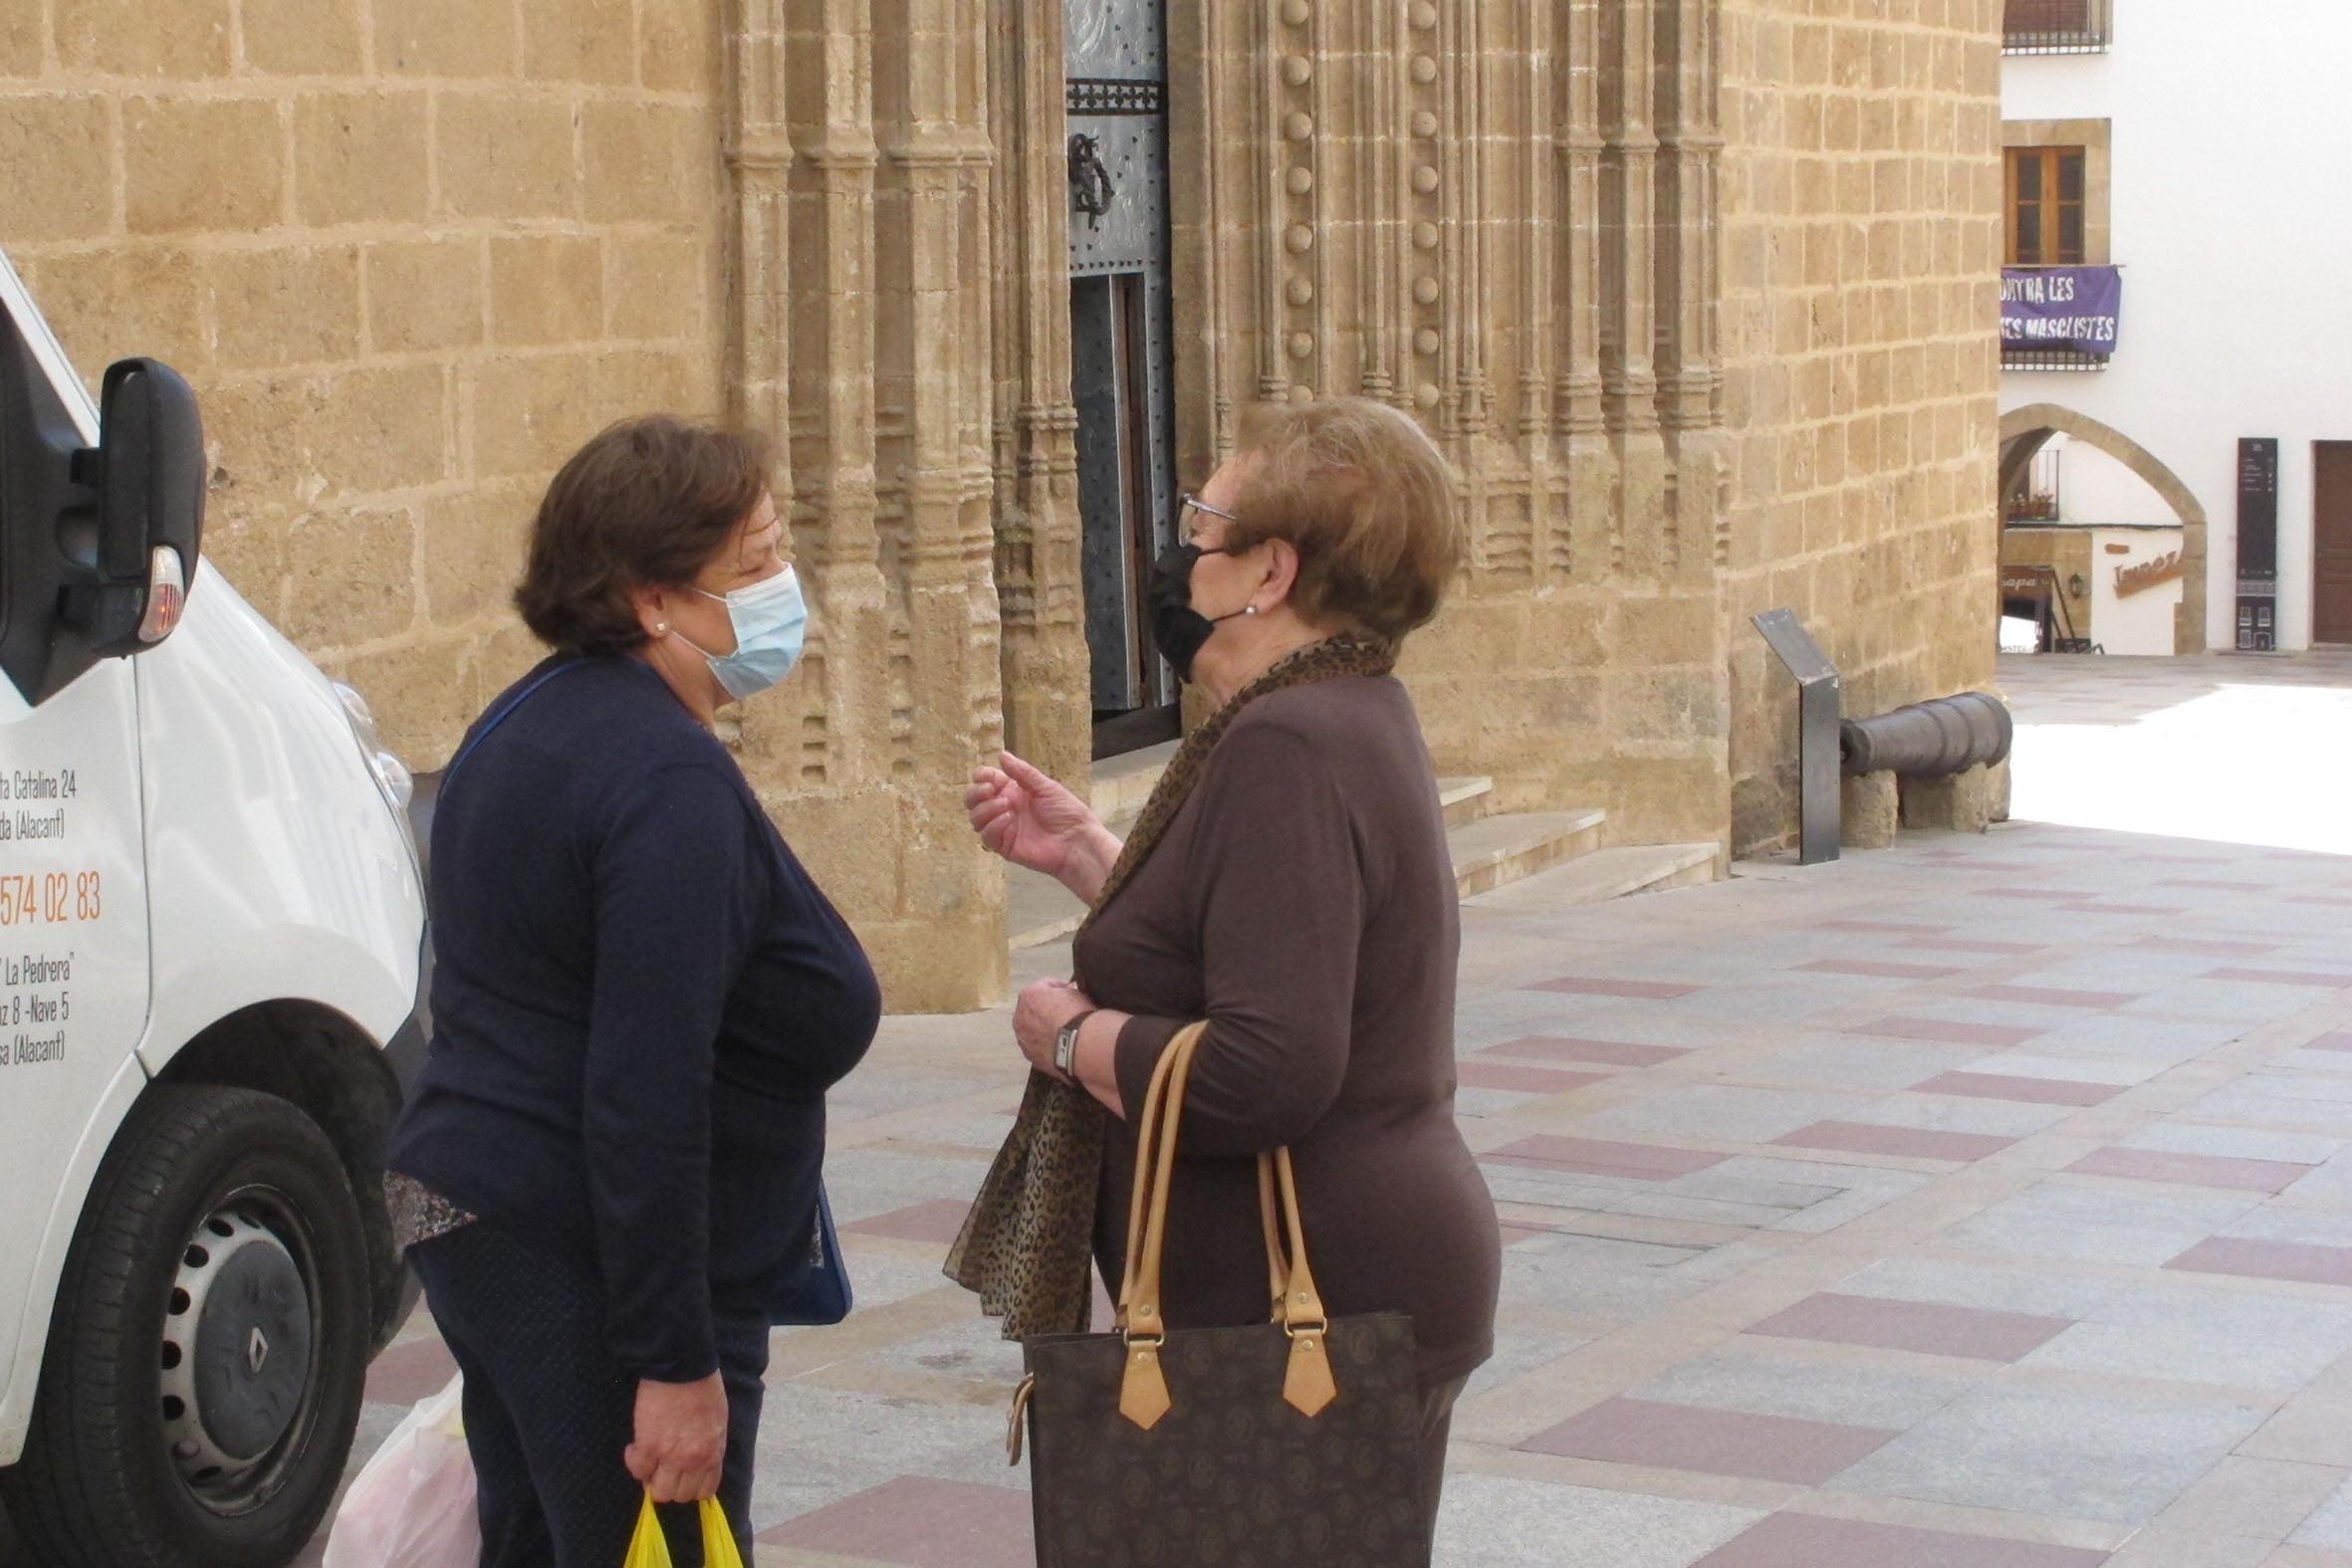 Mujeres con mascarilla en la calle